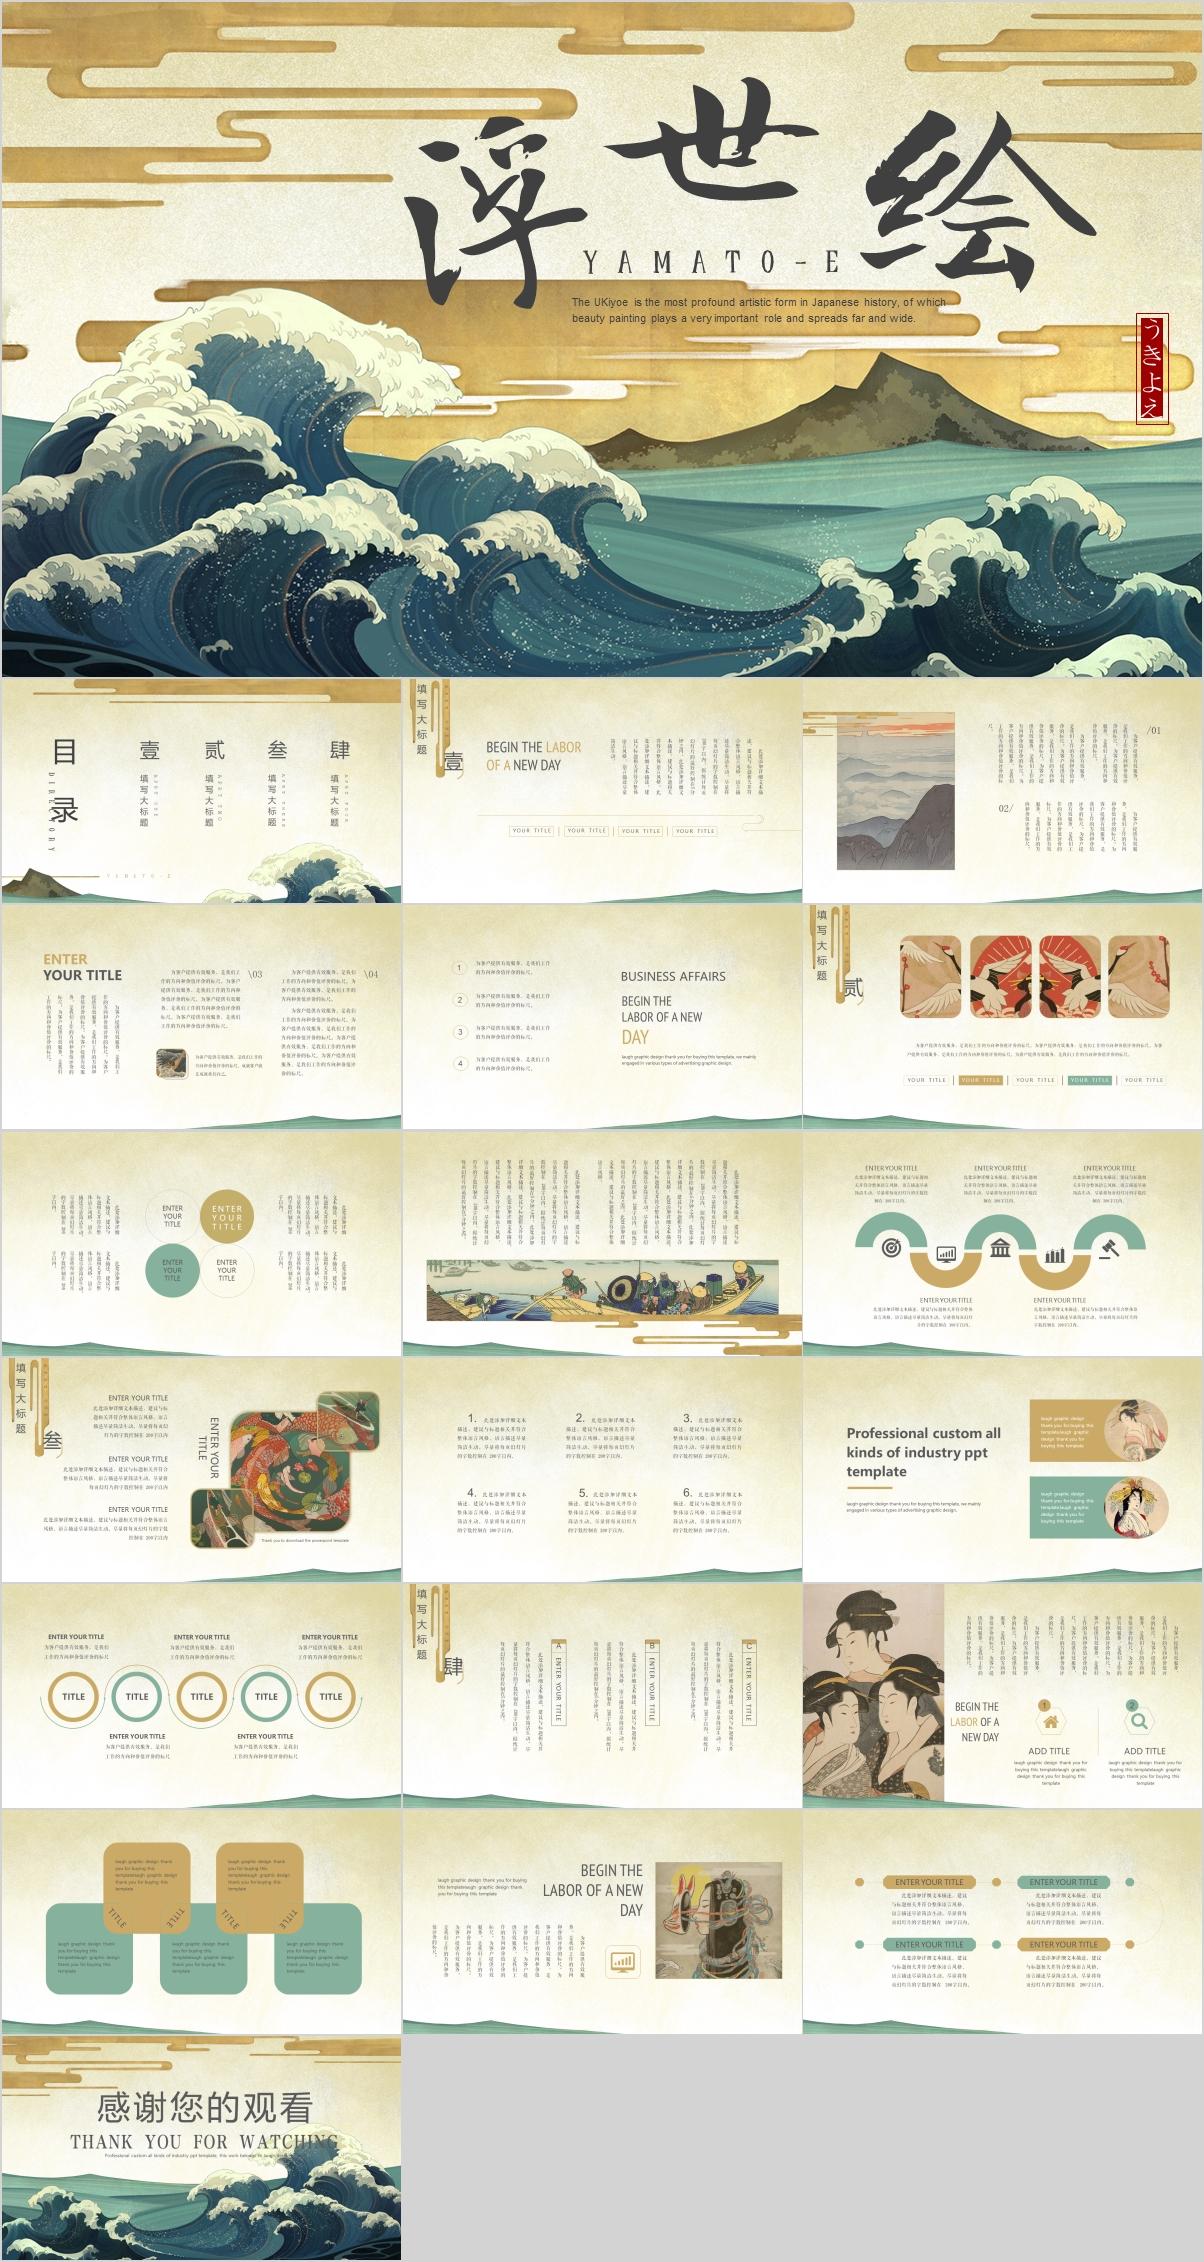 【PPT】国潮浮世绘艺术商务通用PPT模板-爱资源分享